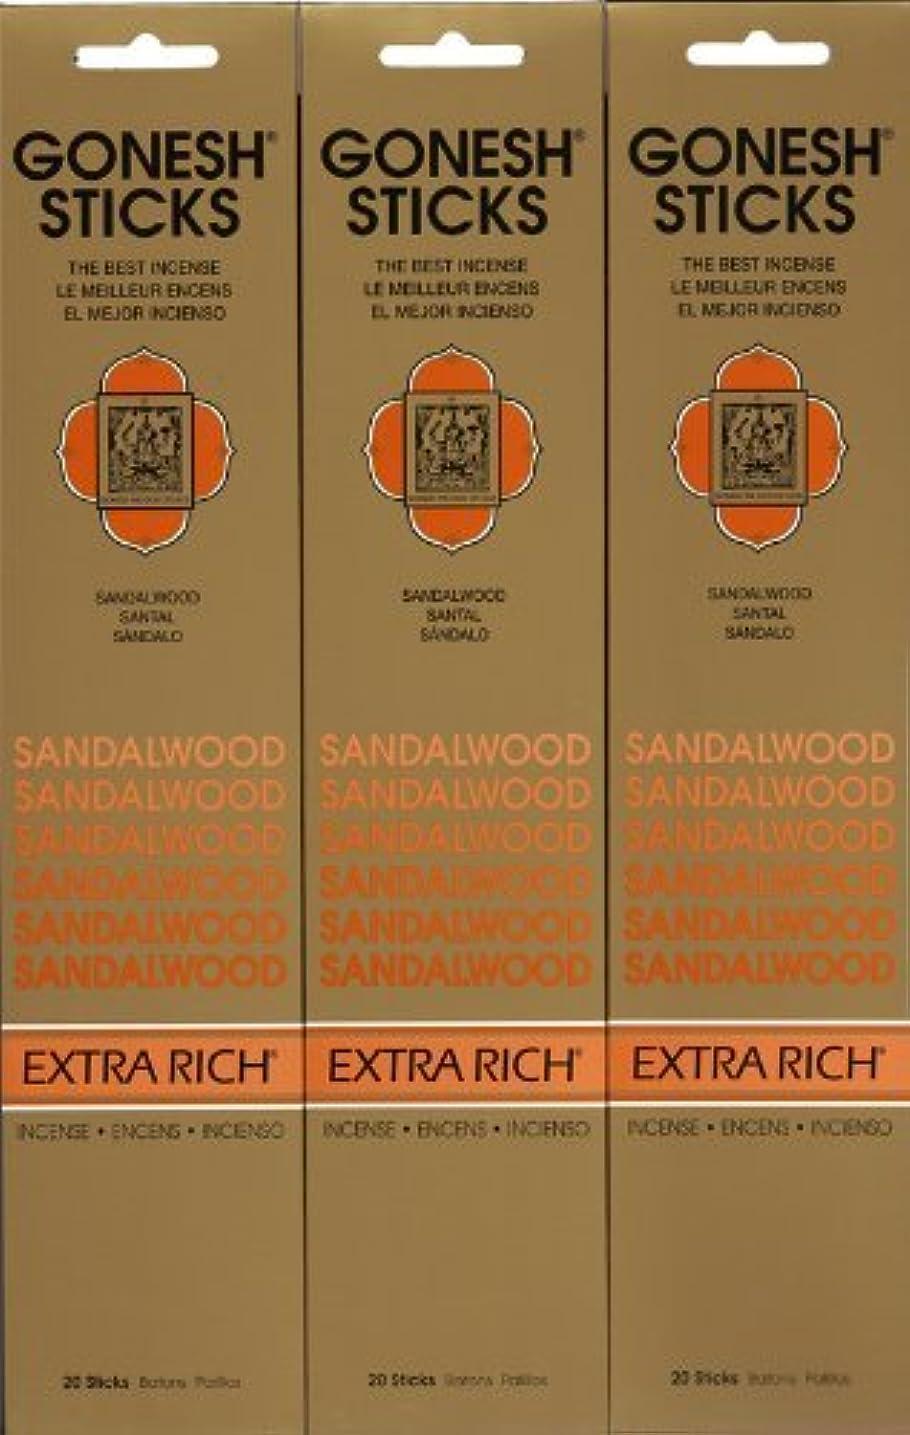 展開する言い換えると廃止GONESH SANDALWOOD サンダルウッド 20本入り X 3パック (60本)